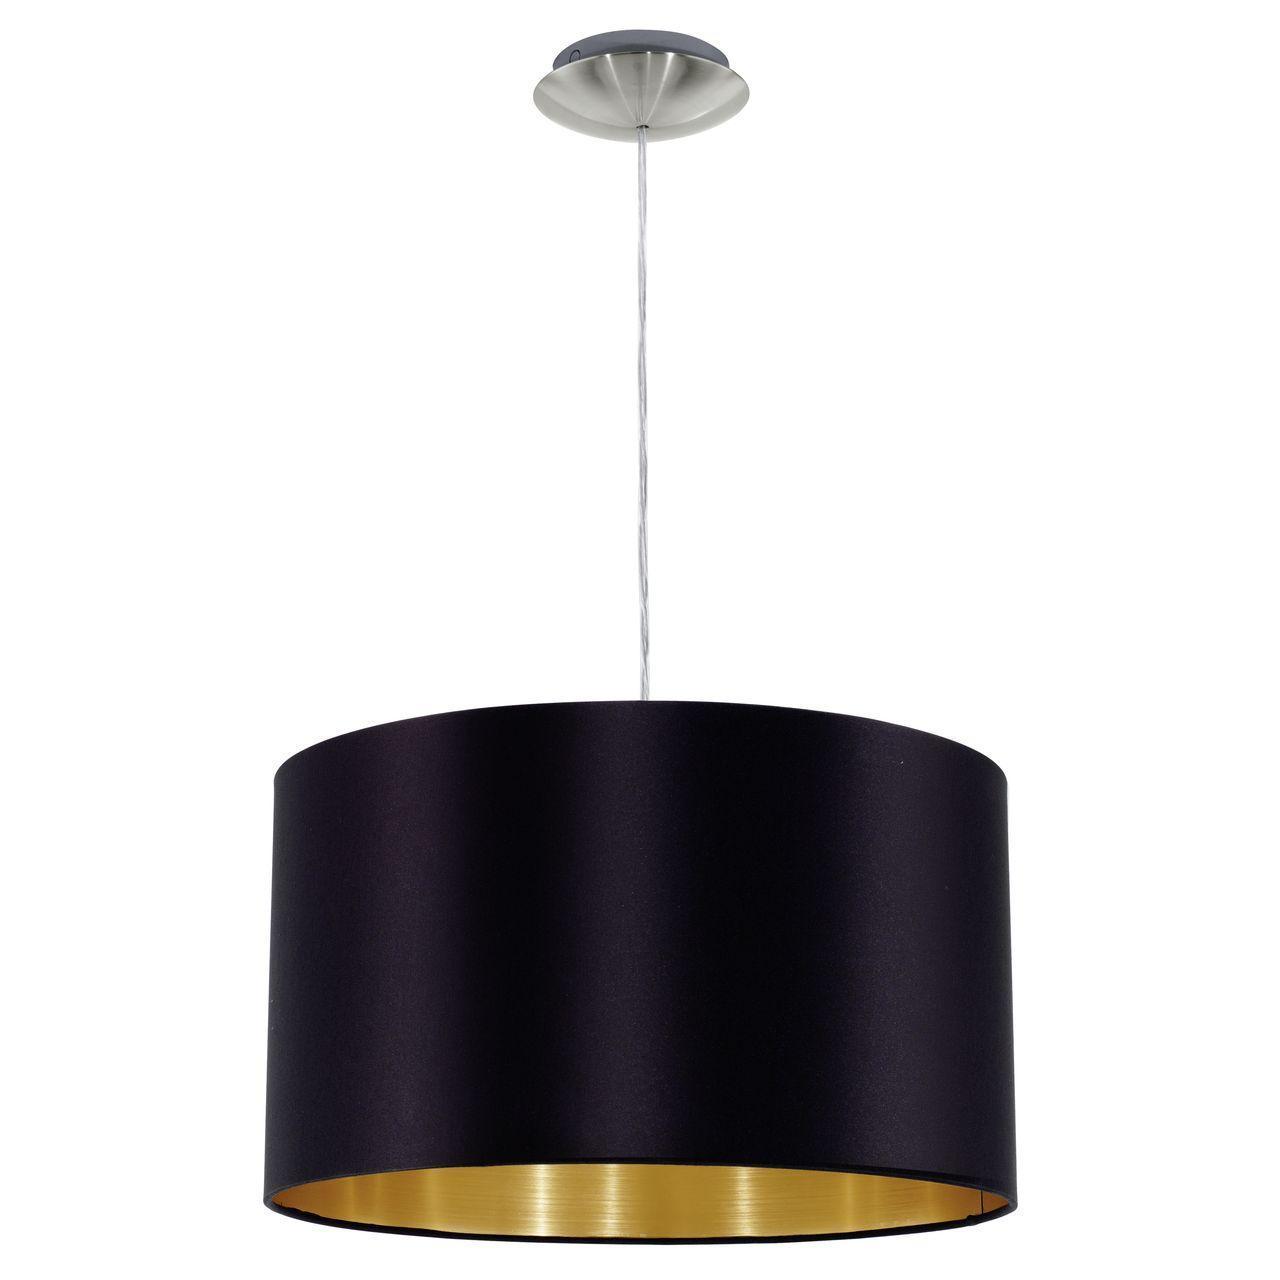 Подвесной светильник Eglo Maserlo 31599 подвесной светильник maserlo 31599 eglo 1120549